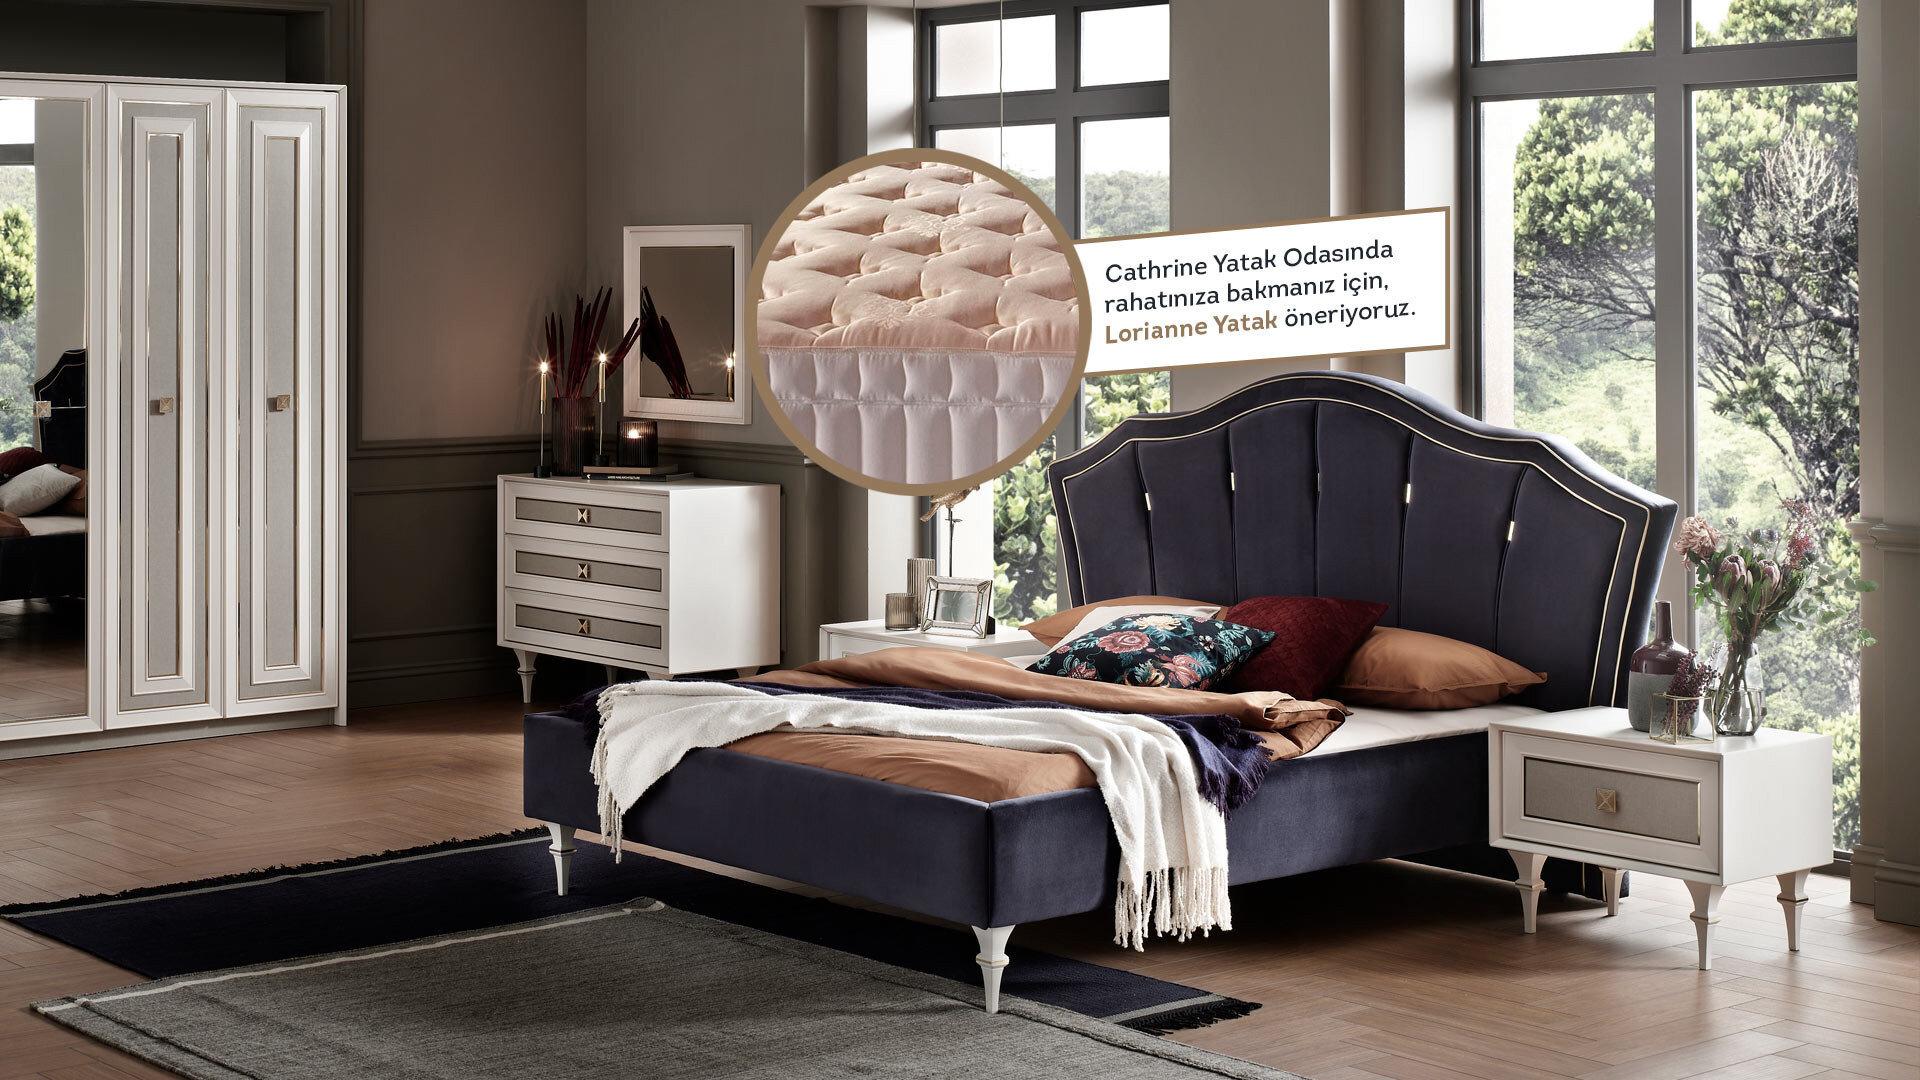 Catherıne Yatak Odası